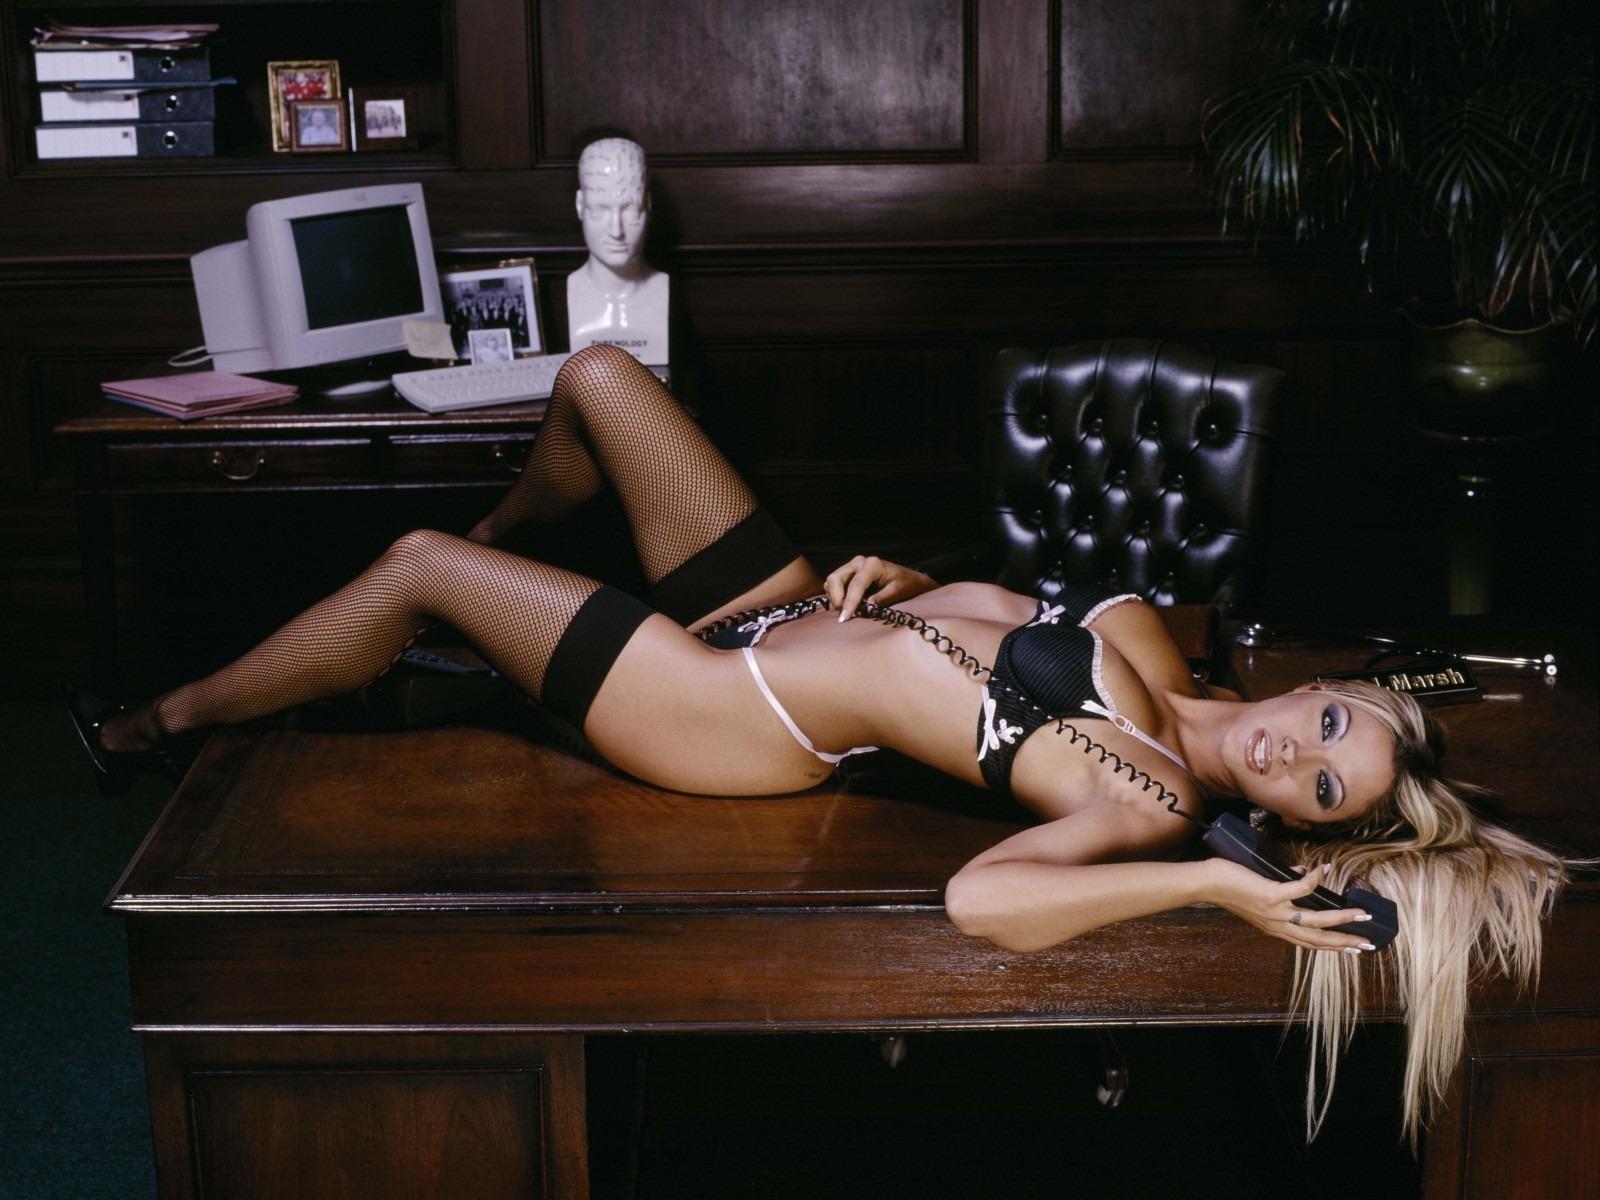 Секс рабочем столе видеосъемка, смотреть страстное порно пар